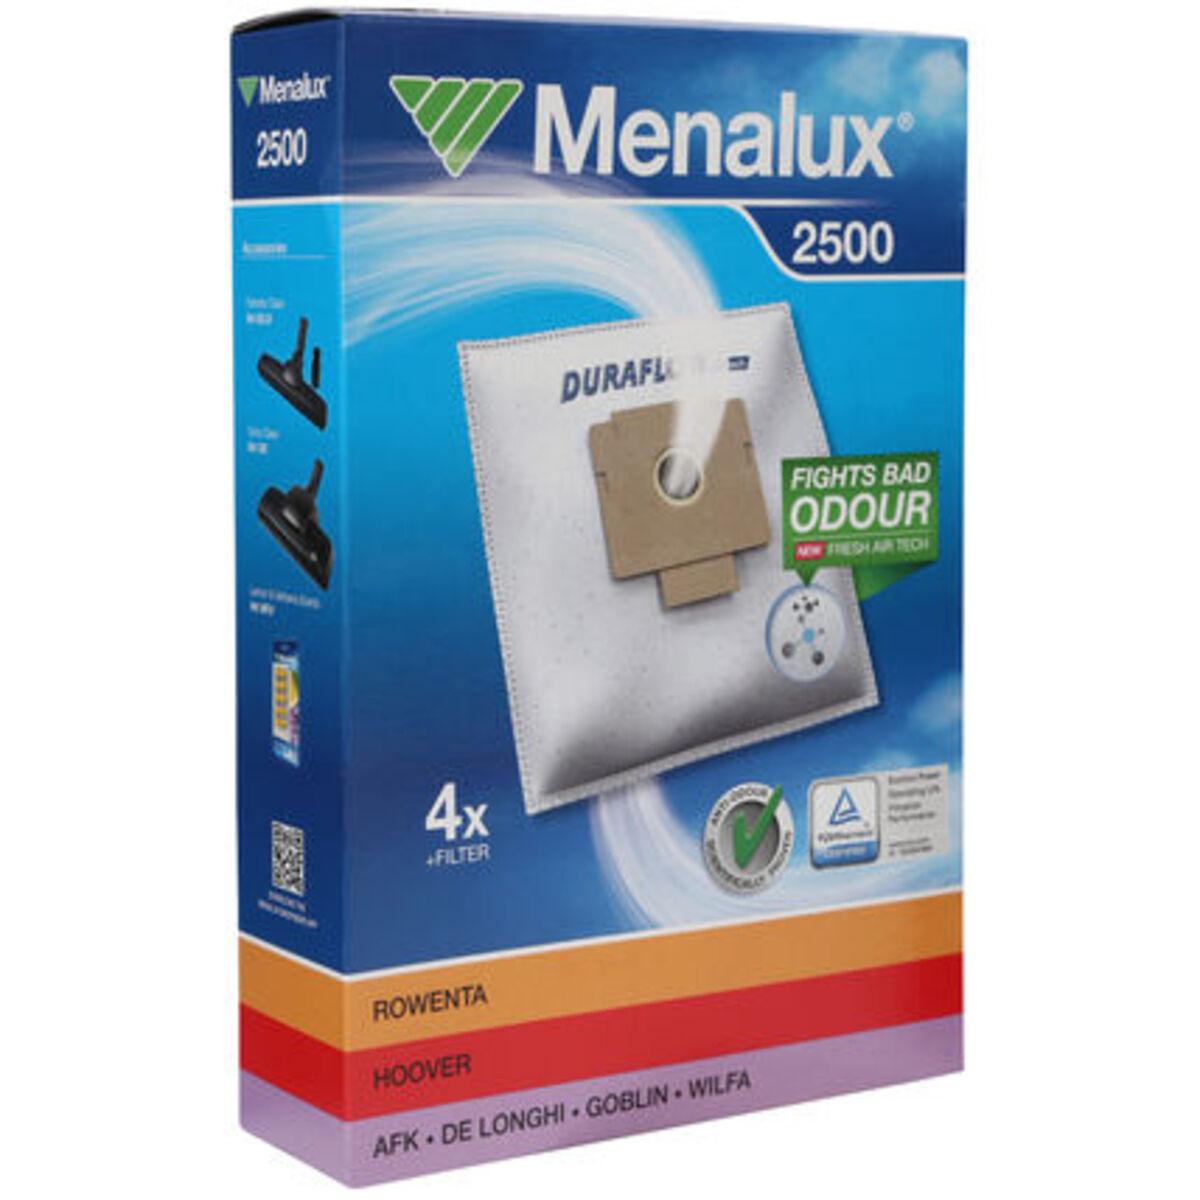 Bild 2 von Menalux Staubsaugerbeutel Duraflow 2500, Synthetik, 10er Pack